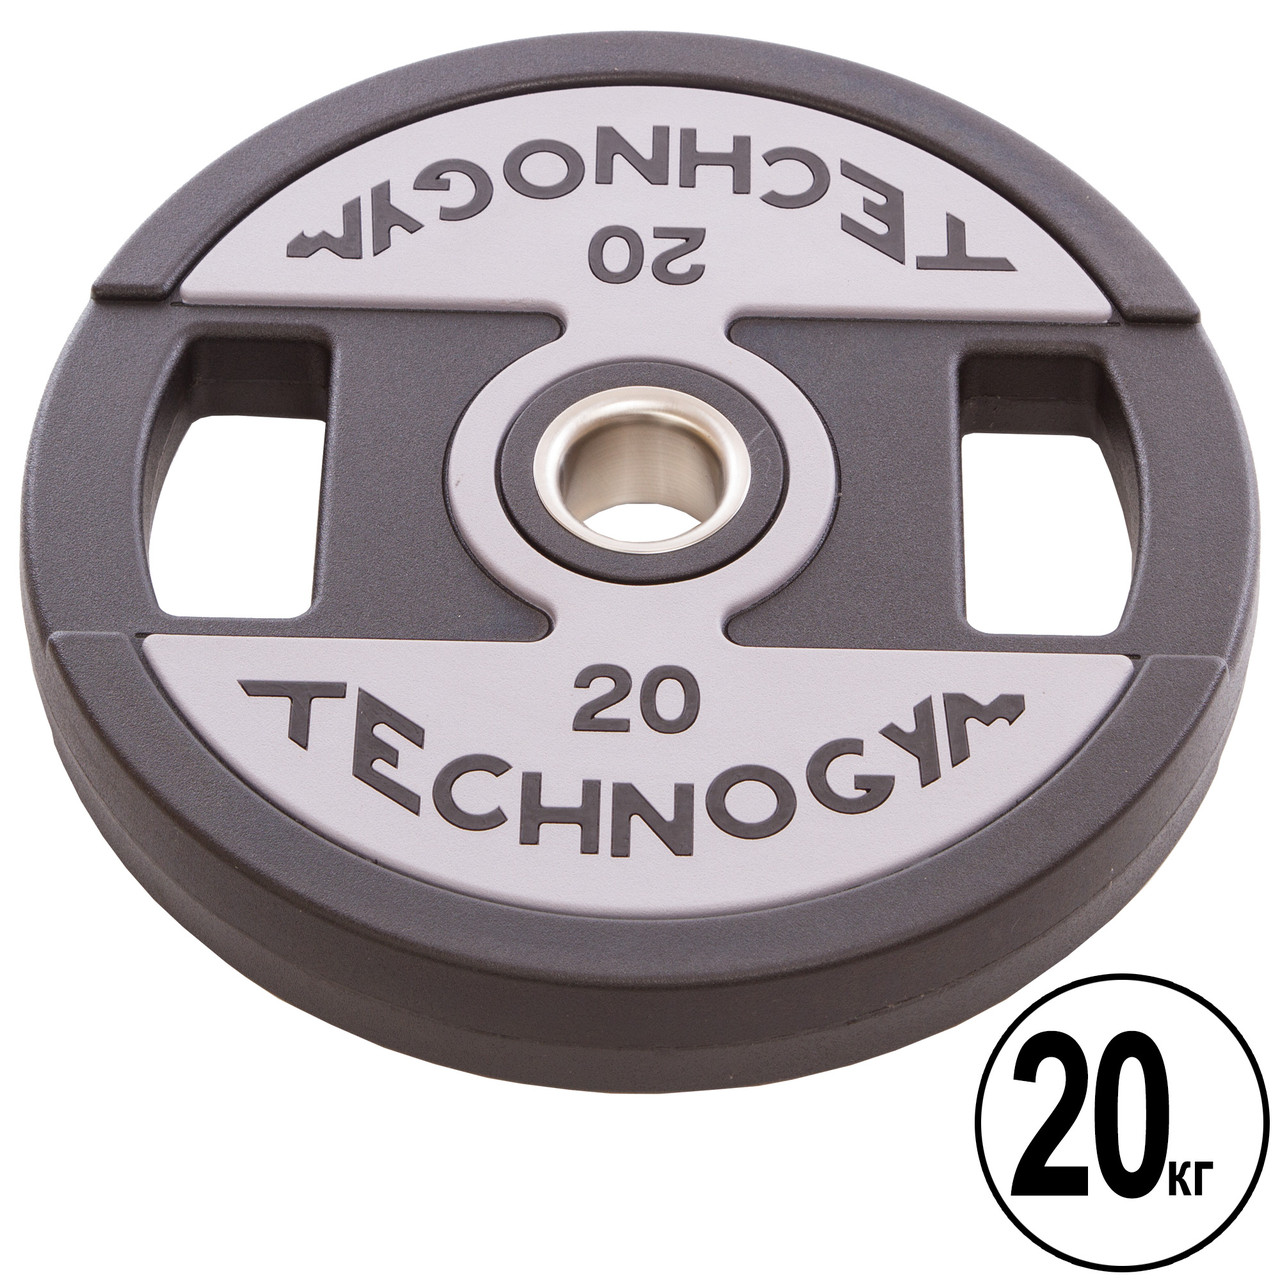 Блины (диски) полиуретановые с хватом и металлической втулкой d-51мм TECHNOGYM TG-1837-20 20кг (черный)